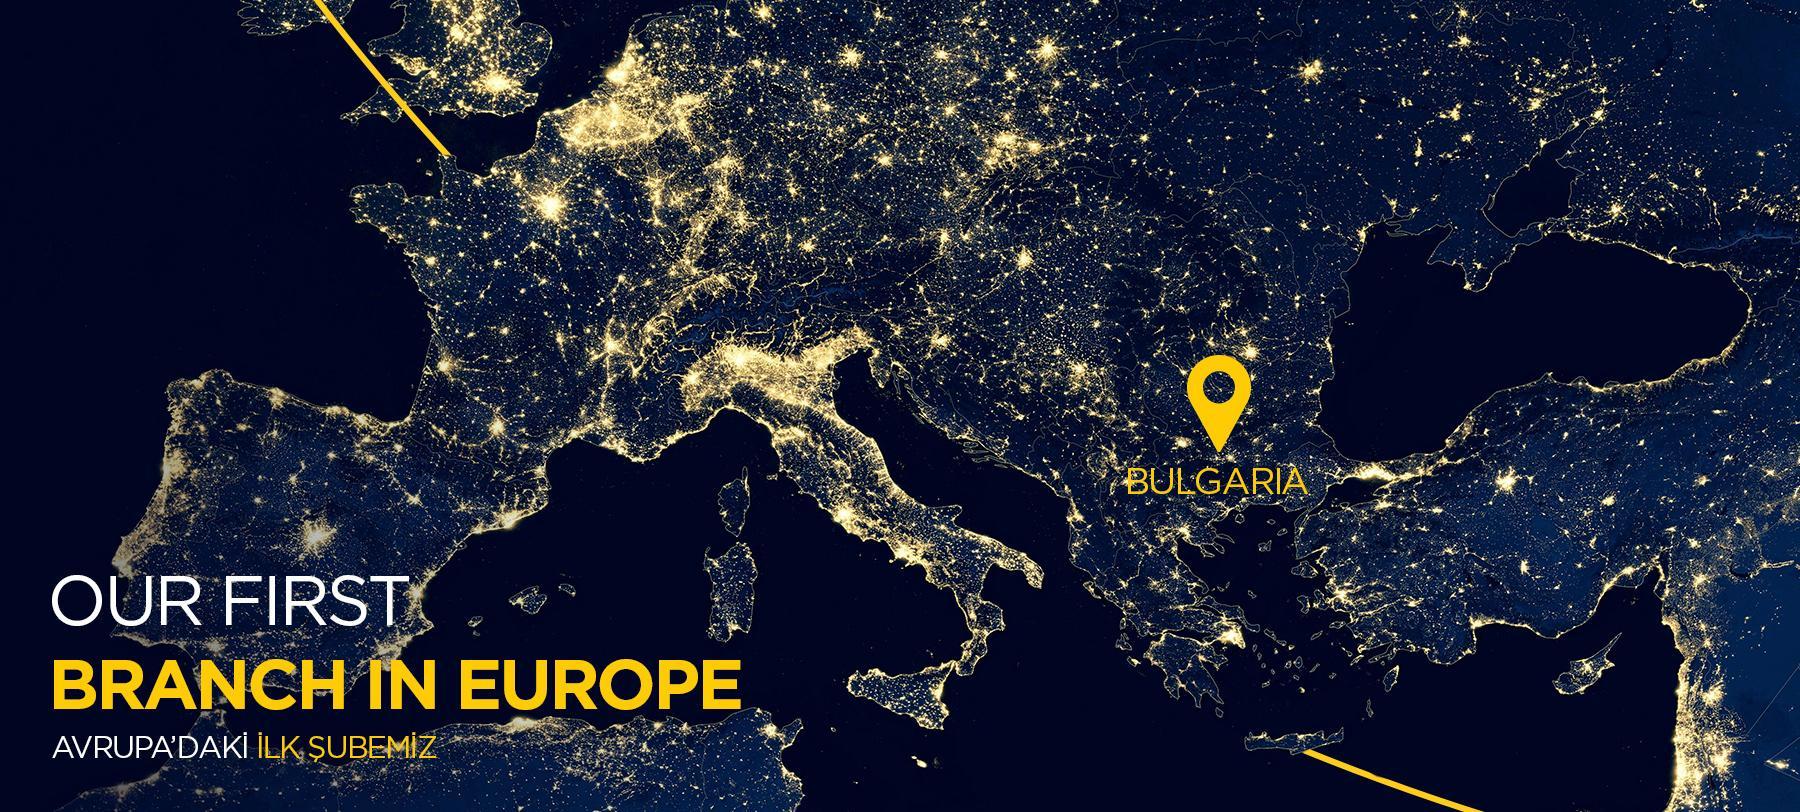 Avrupa'daki İlk Şubemiz Açıldı